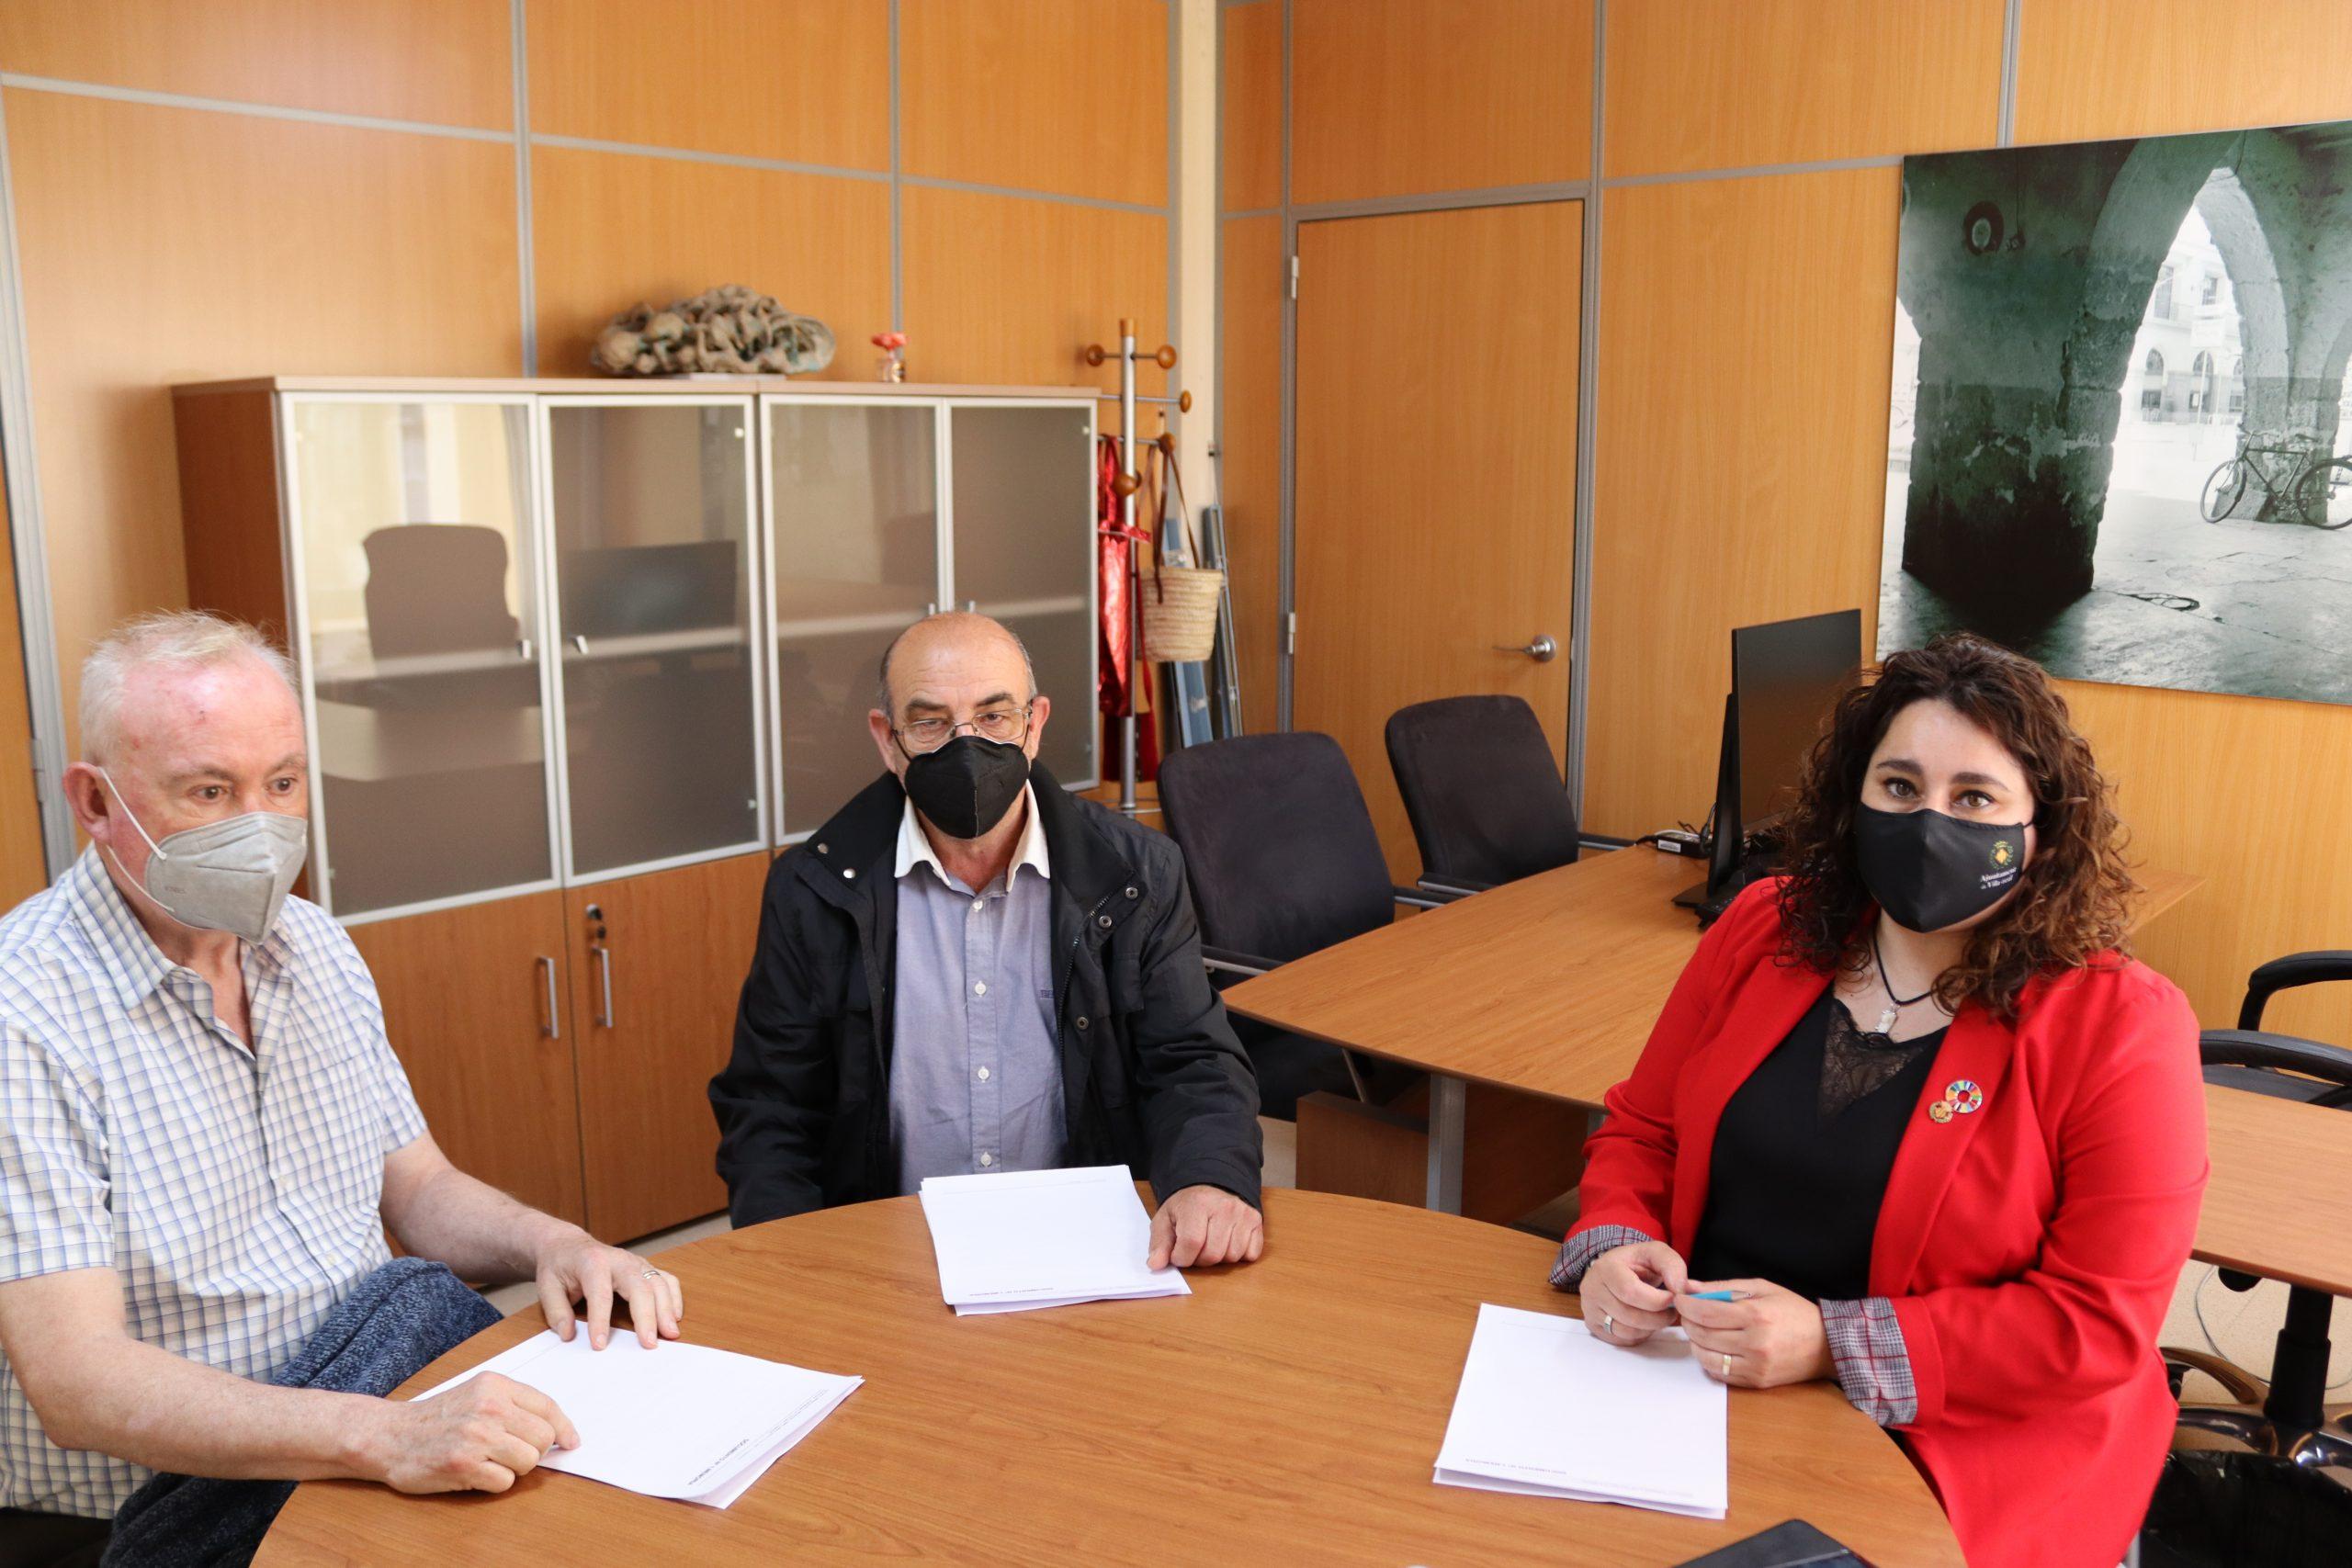 El tejido asociativo eleva a los presupuestos participativos del Consell la reforma del puente de la Ermita y un servicio de atención a las personas sordas y sordociegas en el PROP